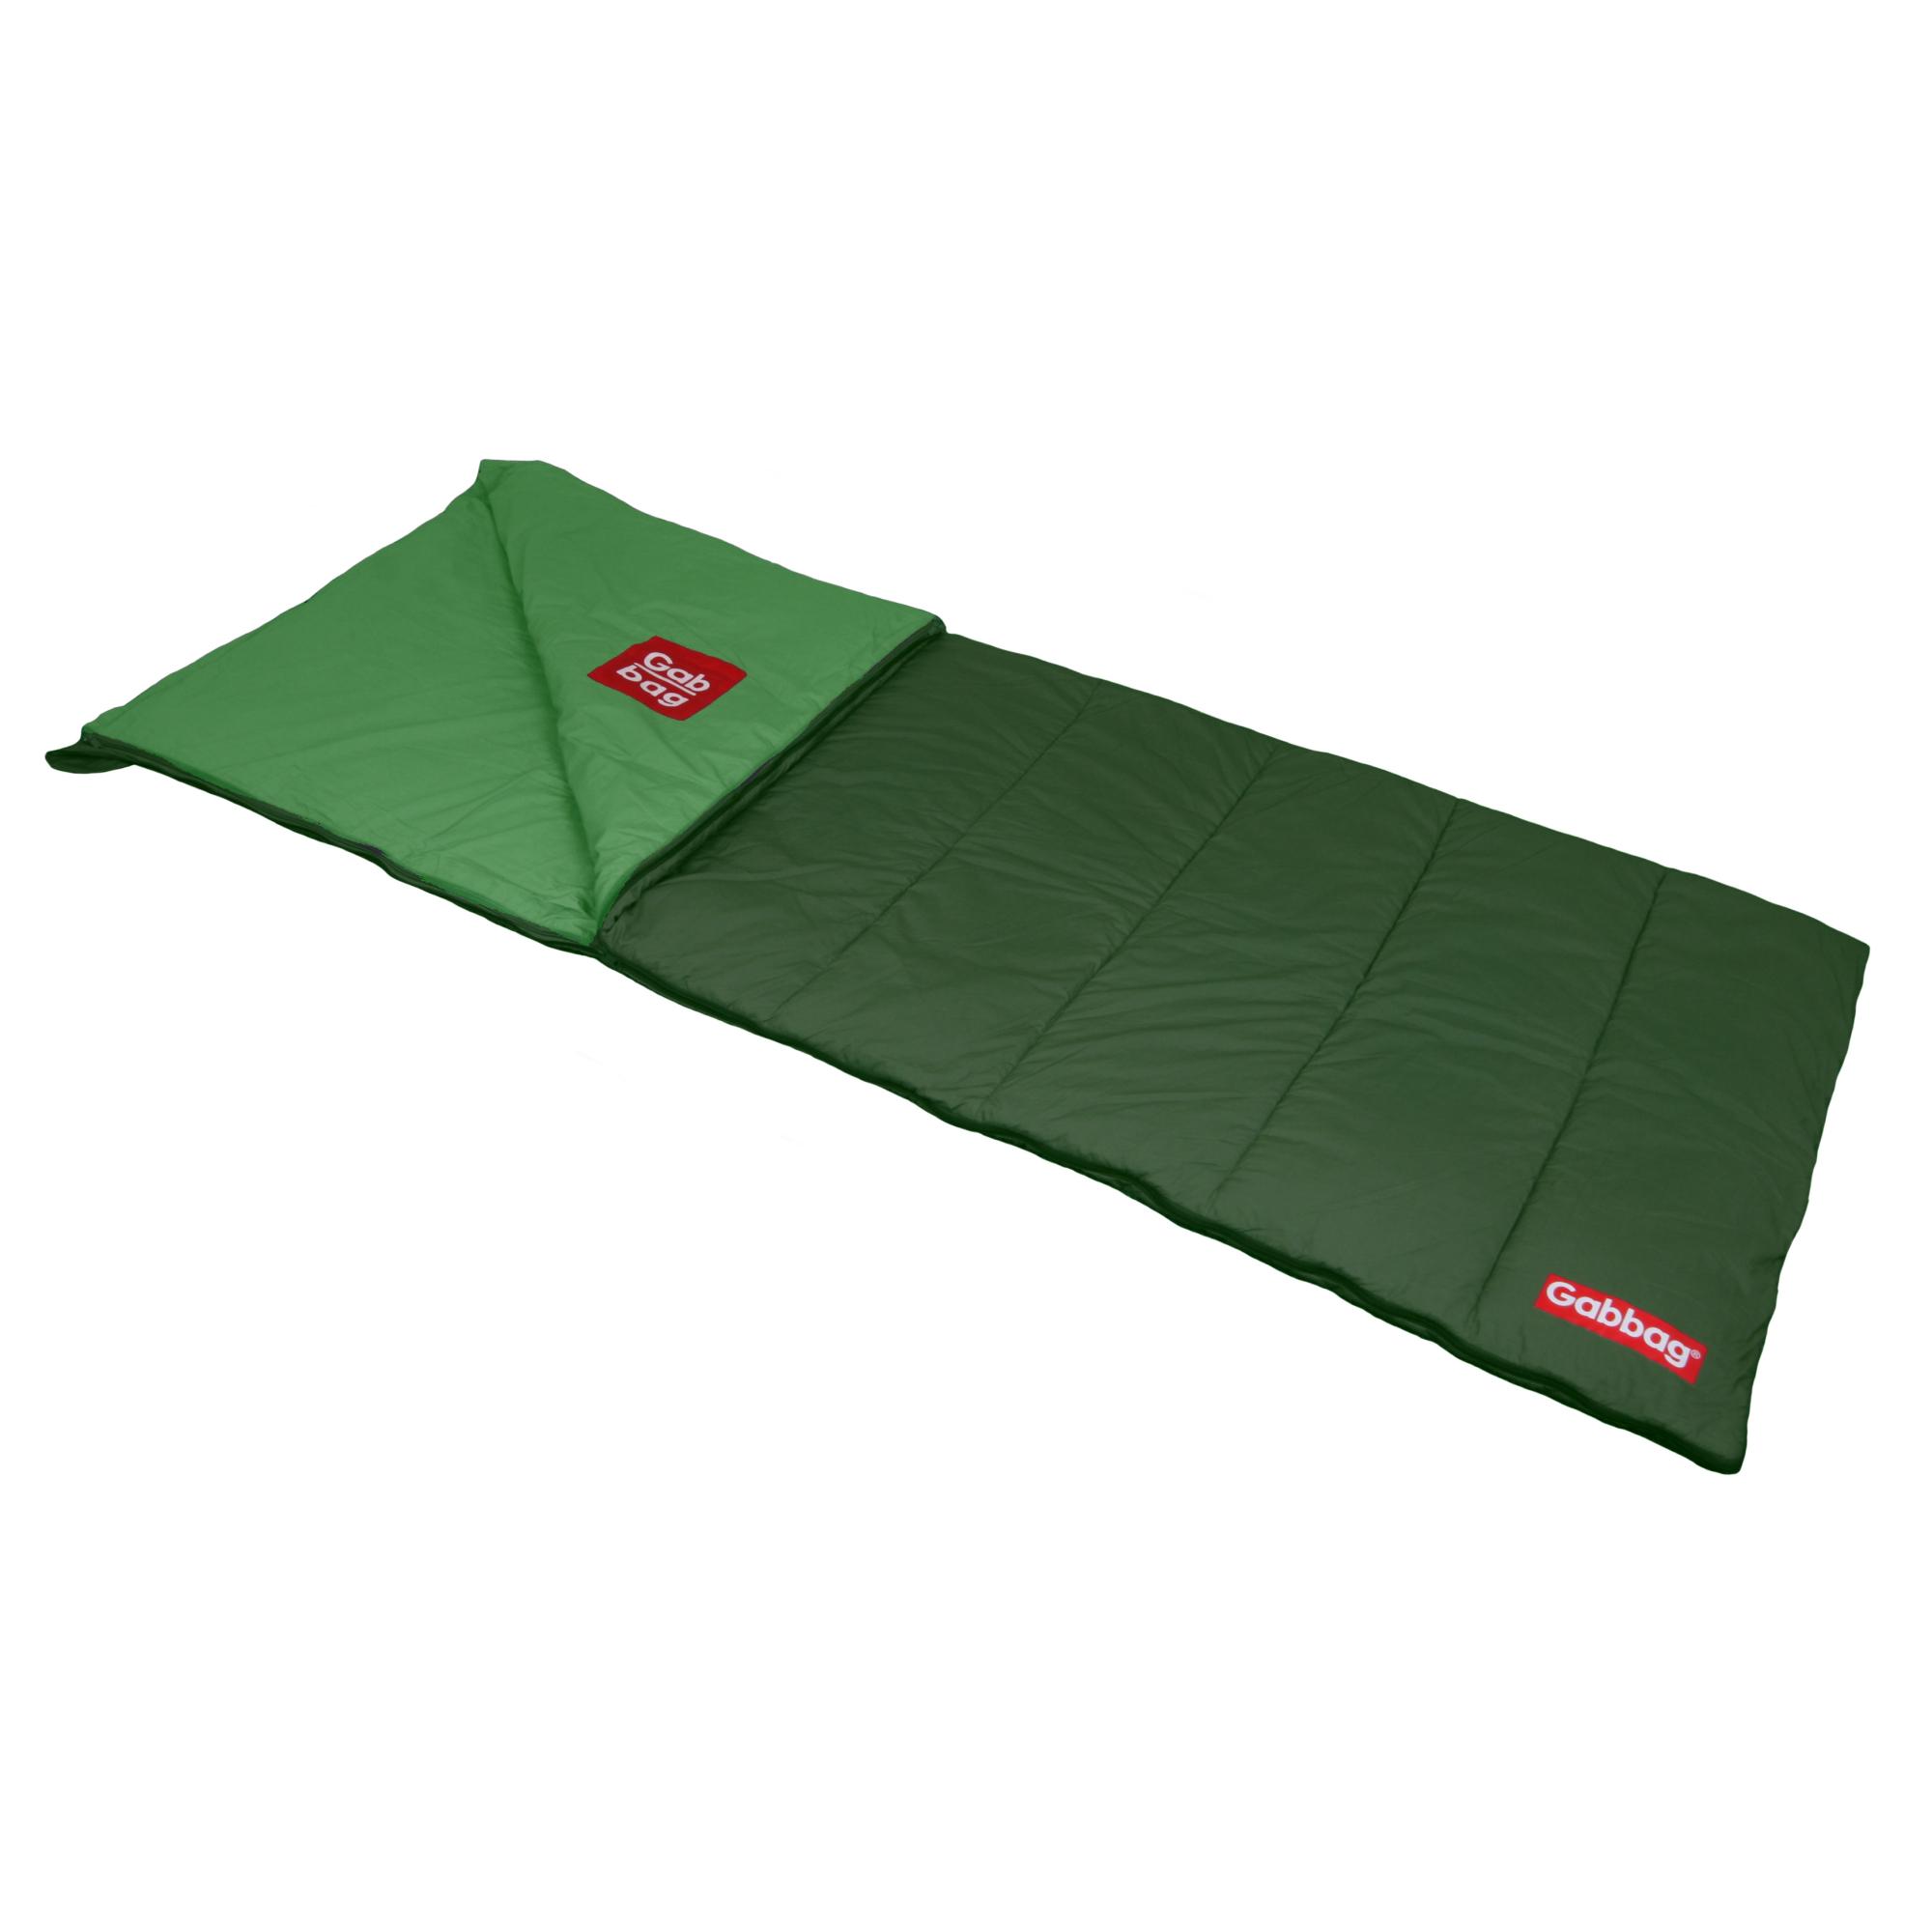 Outlaw dekenmodel slaapzak groen